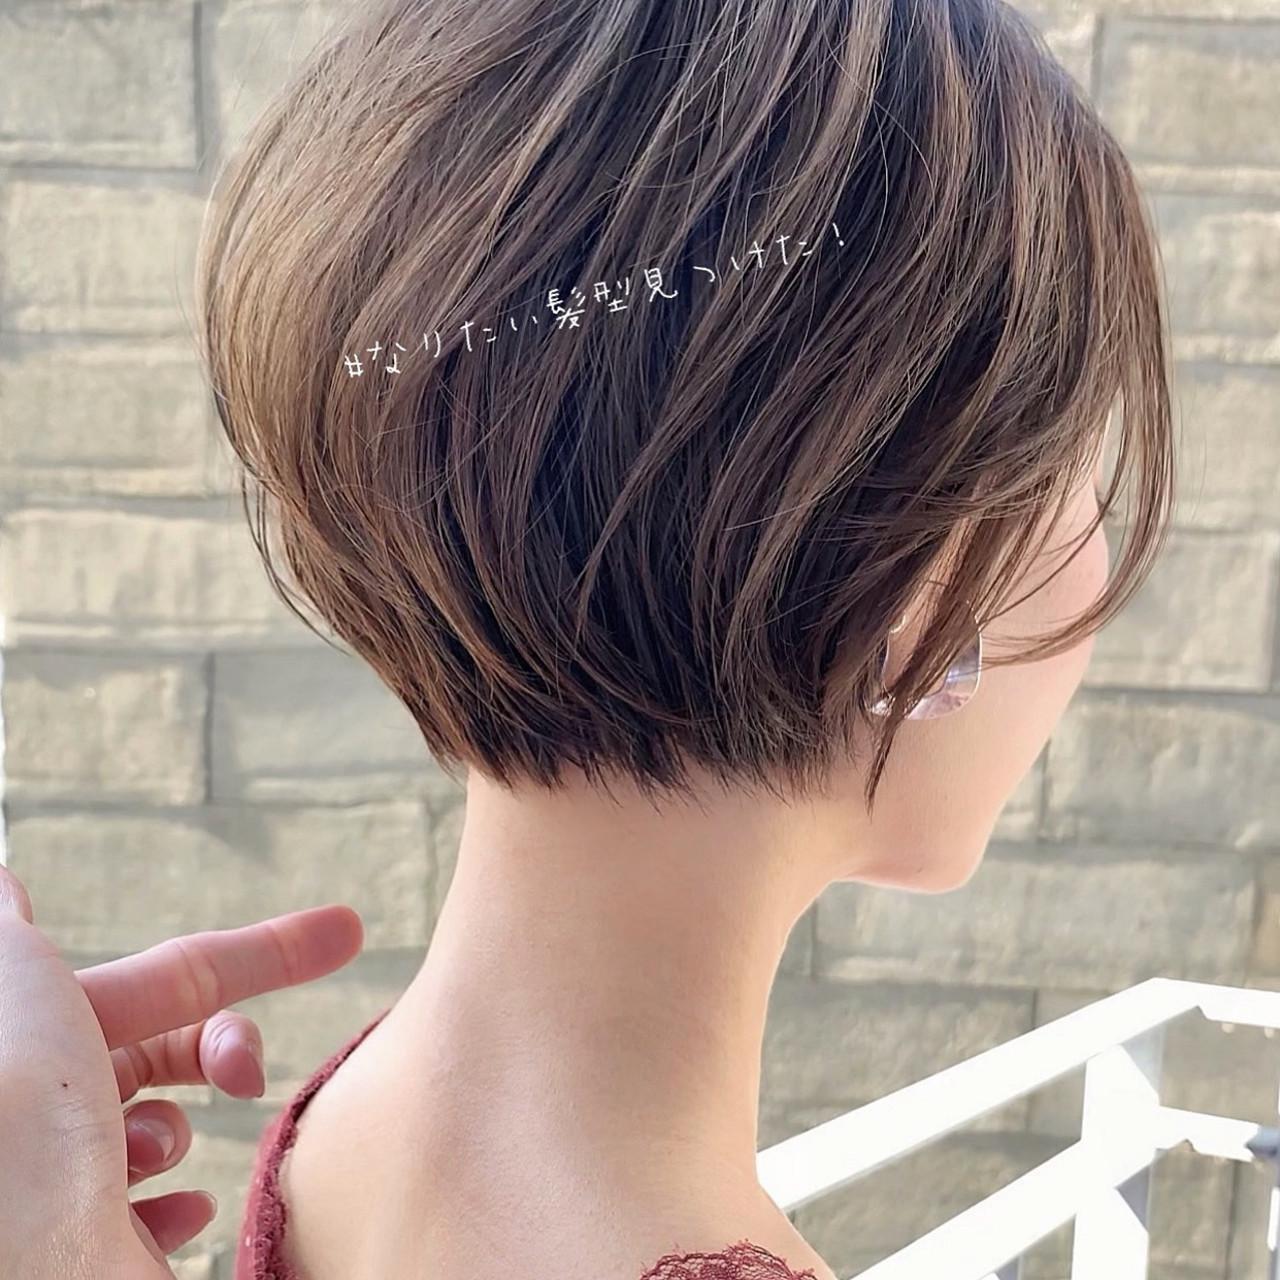 ミニボブ ナチュラル ショートボブ デート ヘアスタイルや髪型の写真・画像